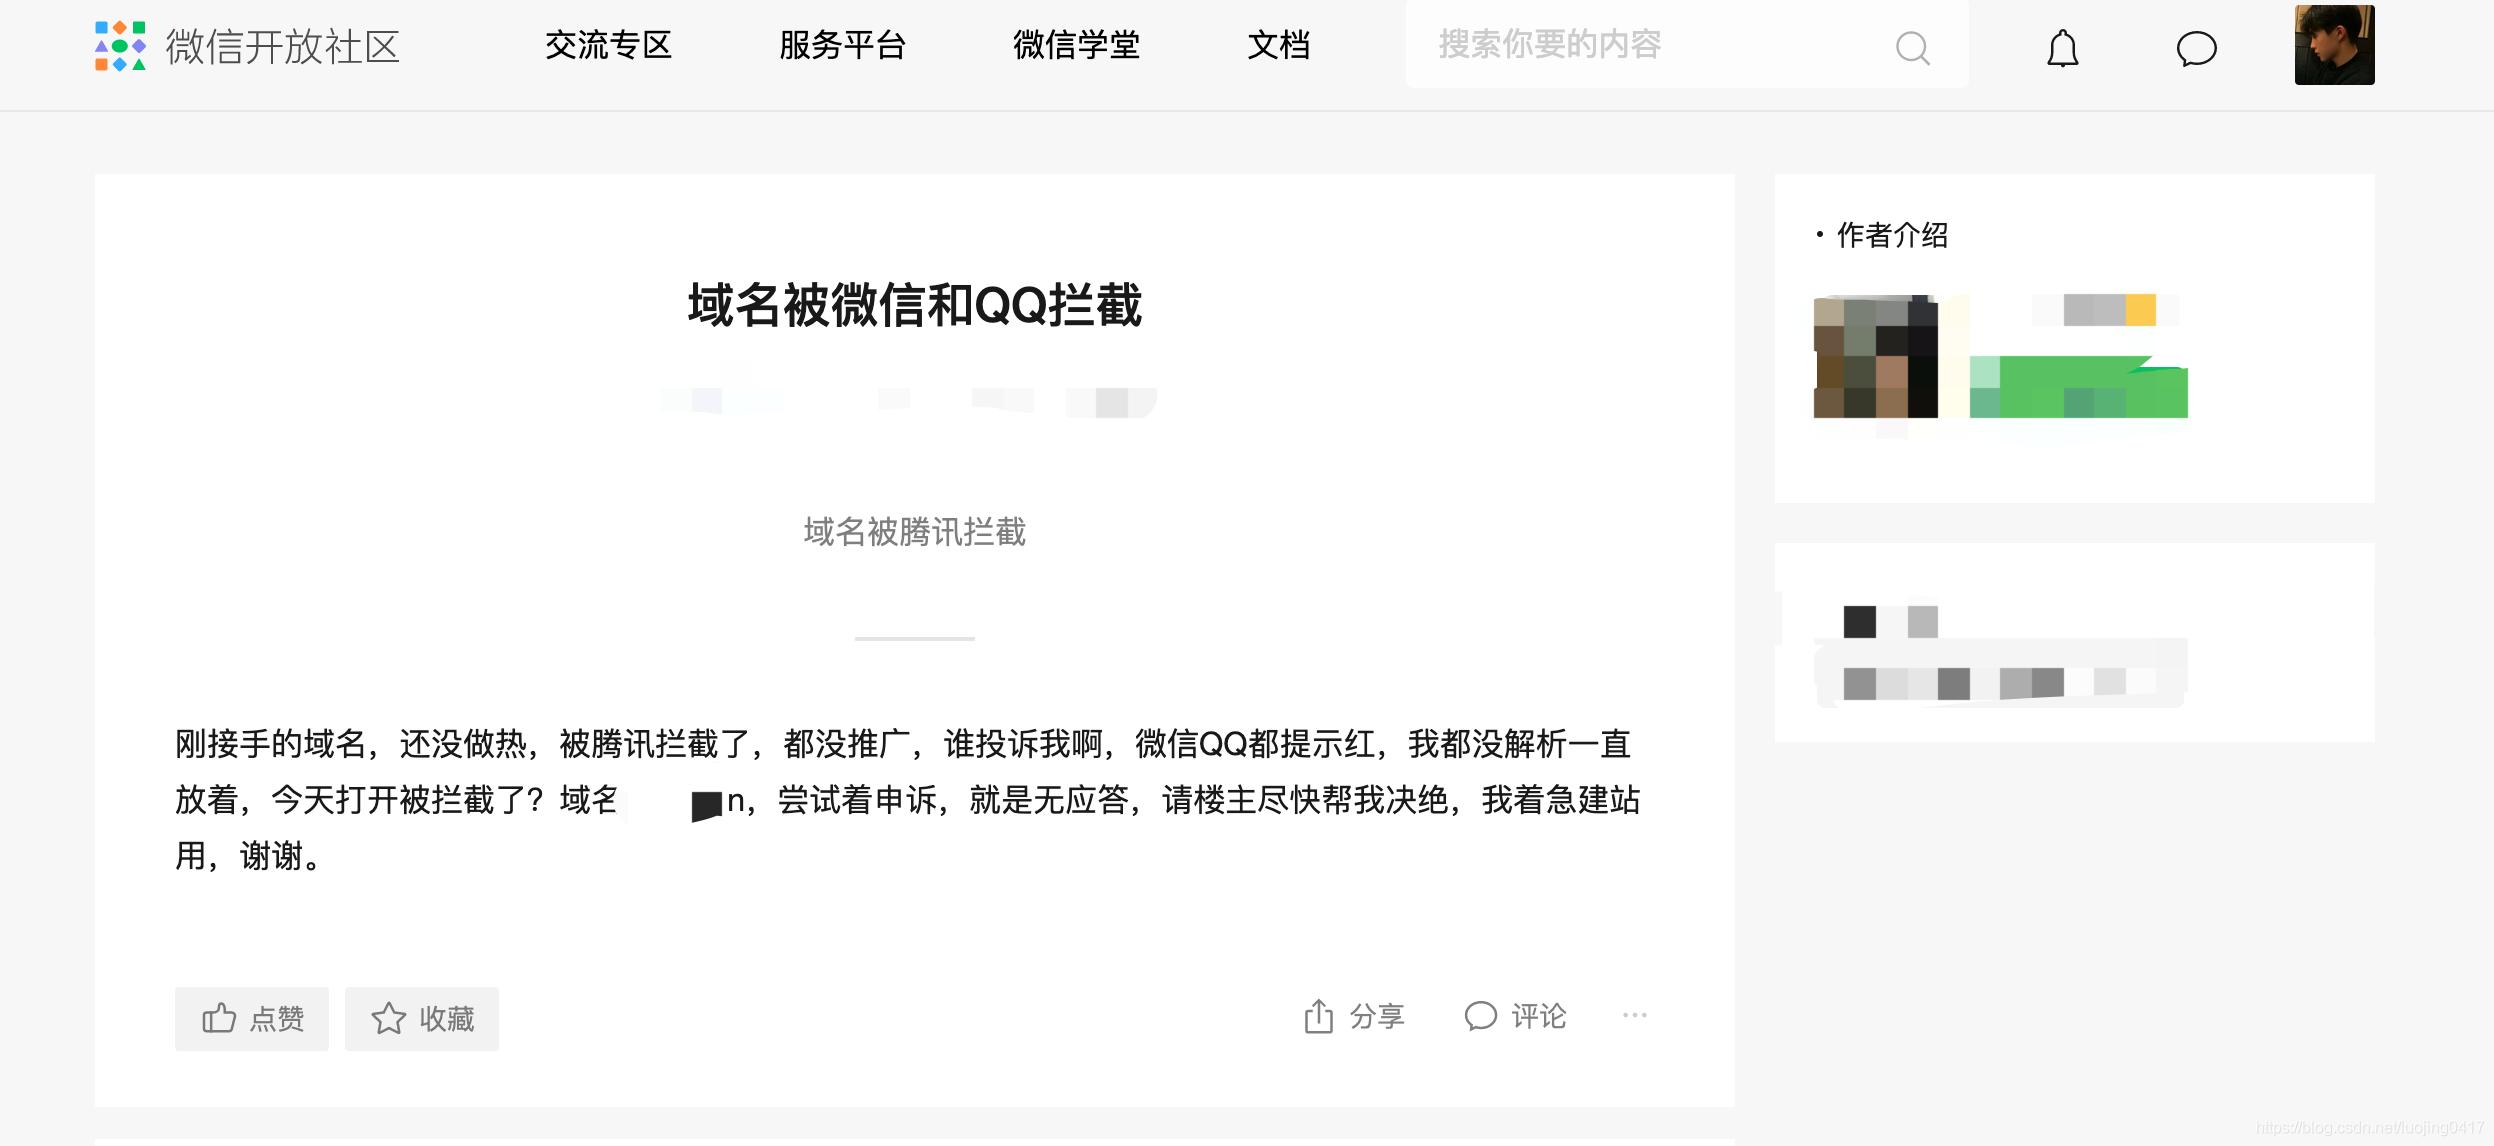 微信社区申诉